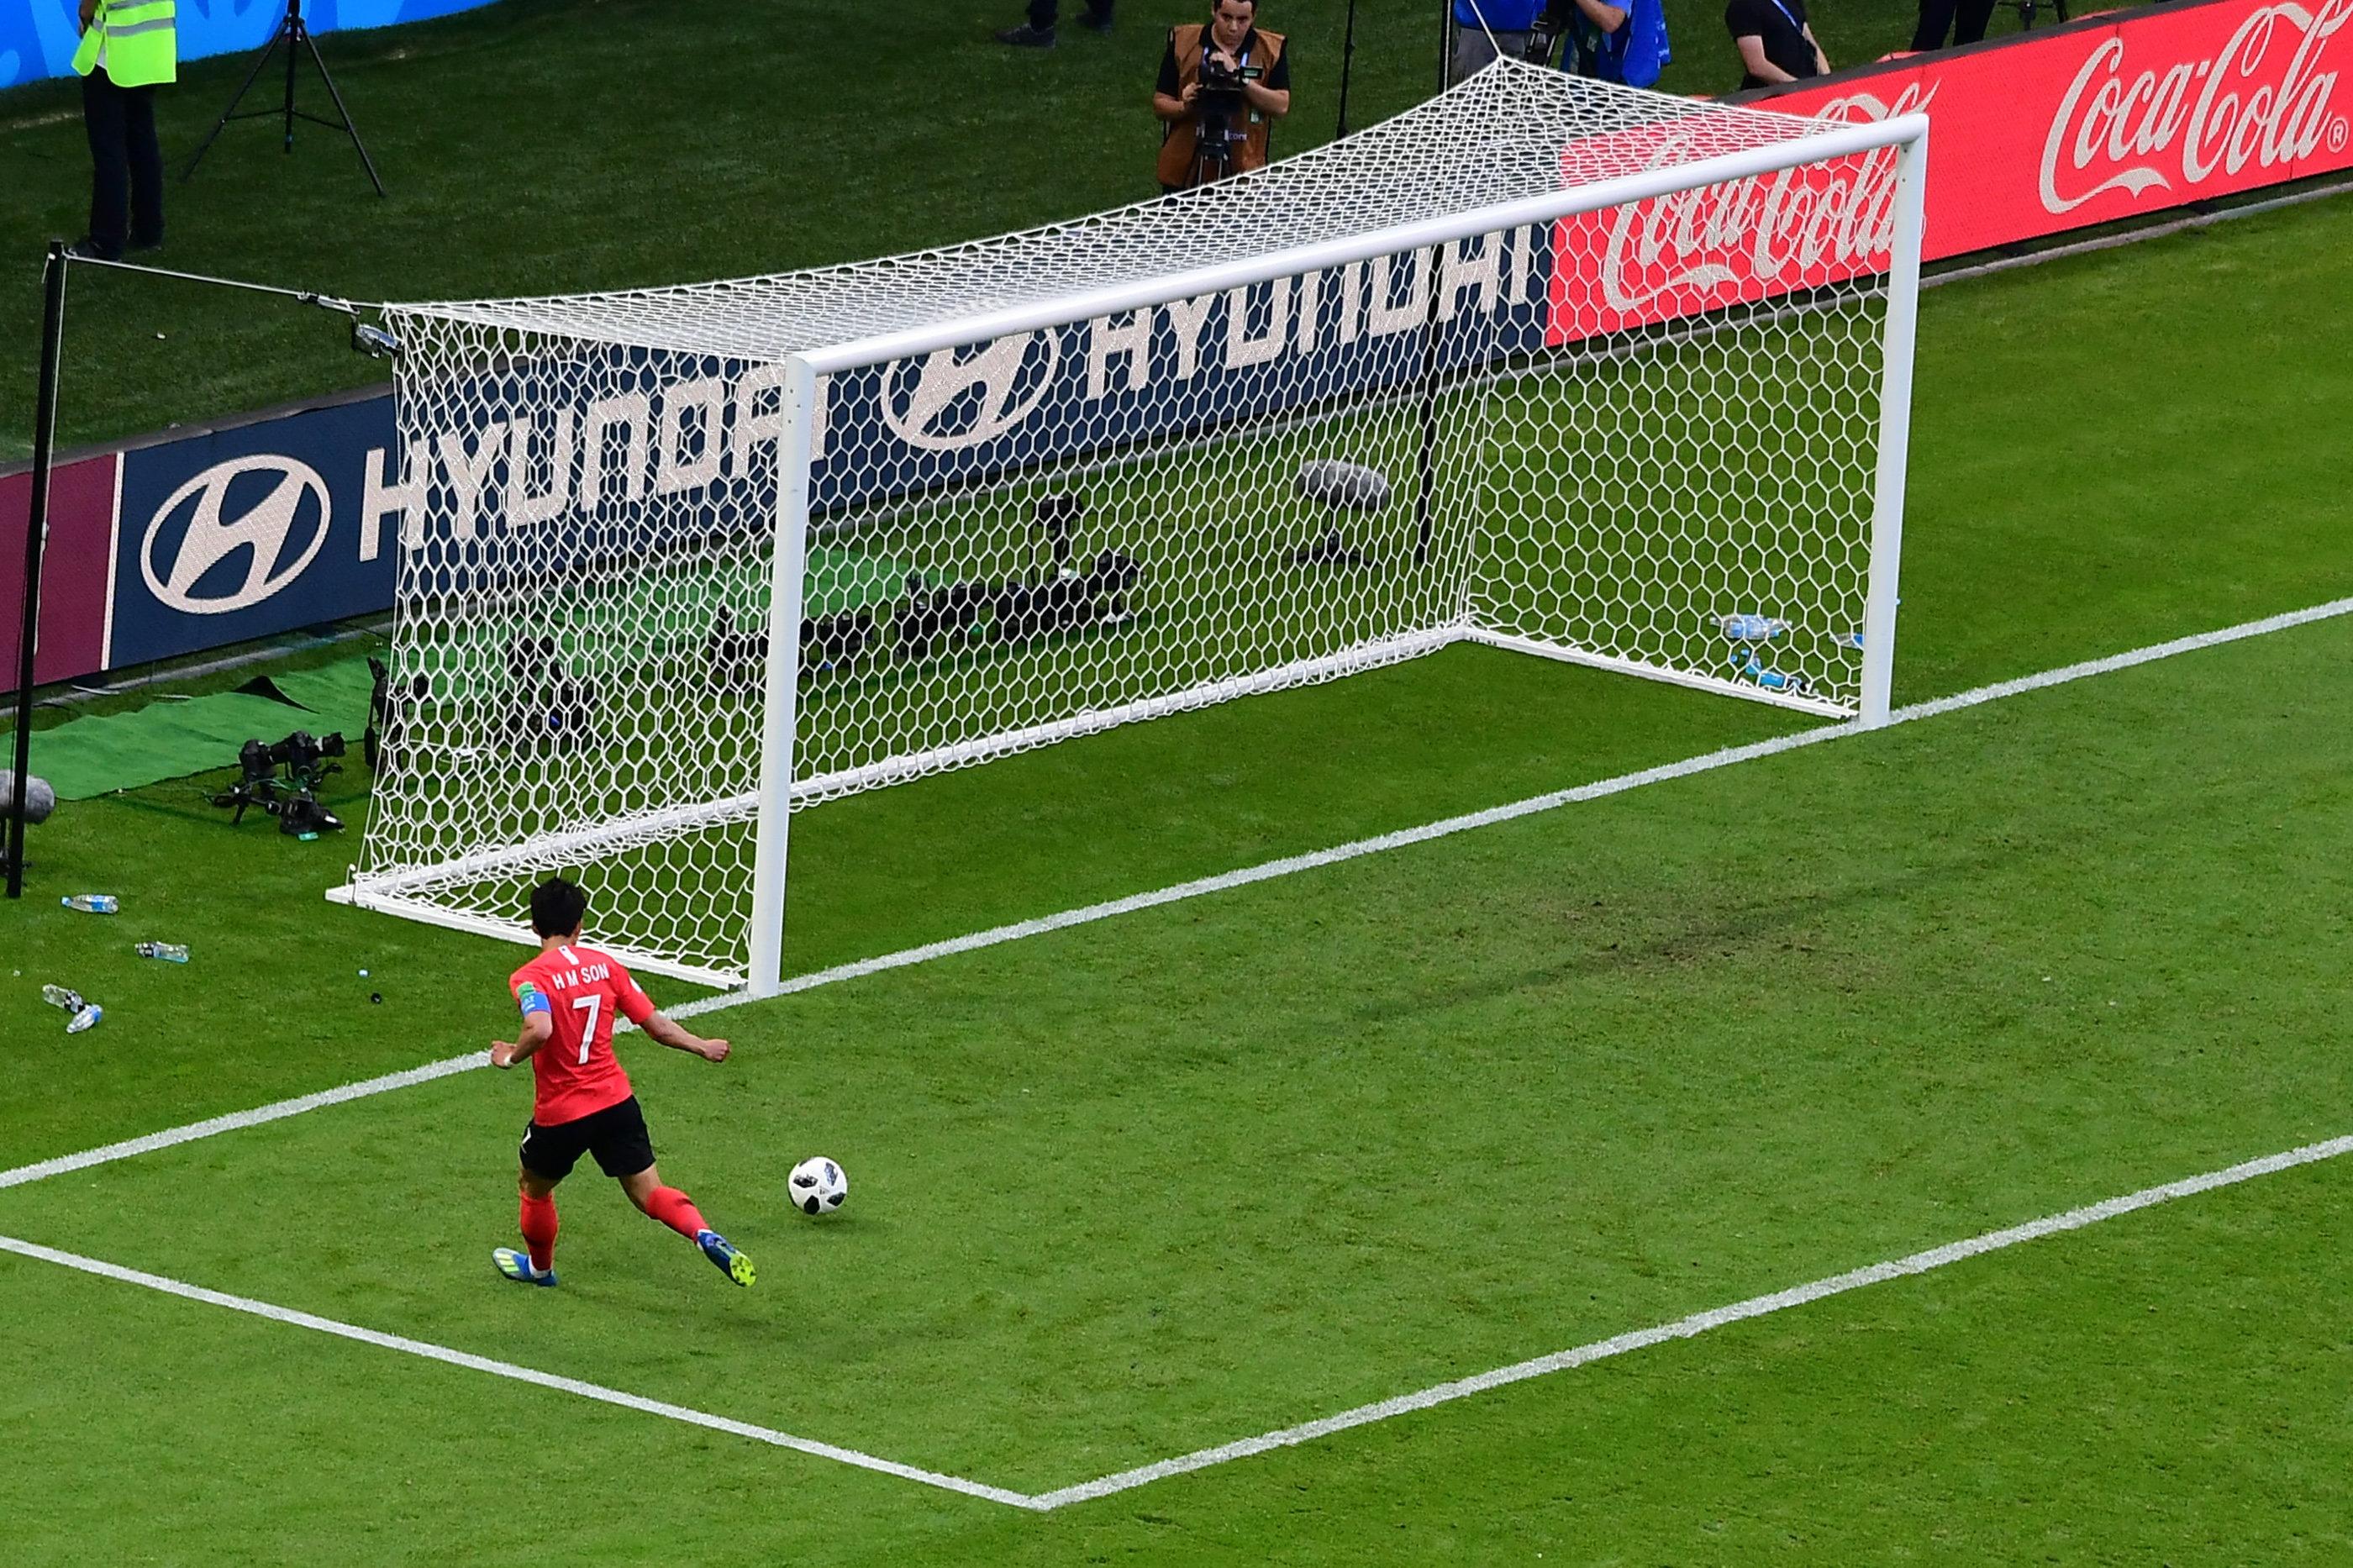 독일 전 두번째 골 당시 손흥민의 속도를 계산해봤다(영상)